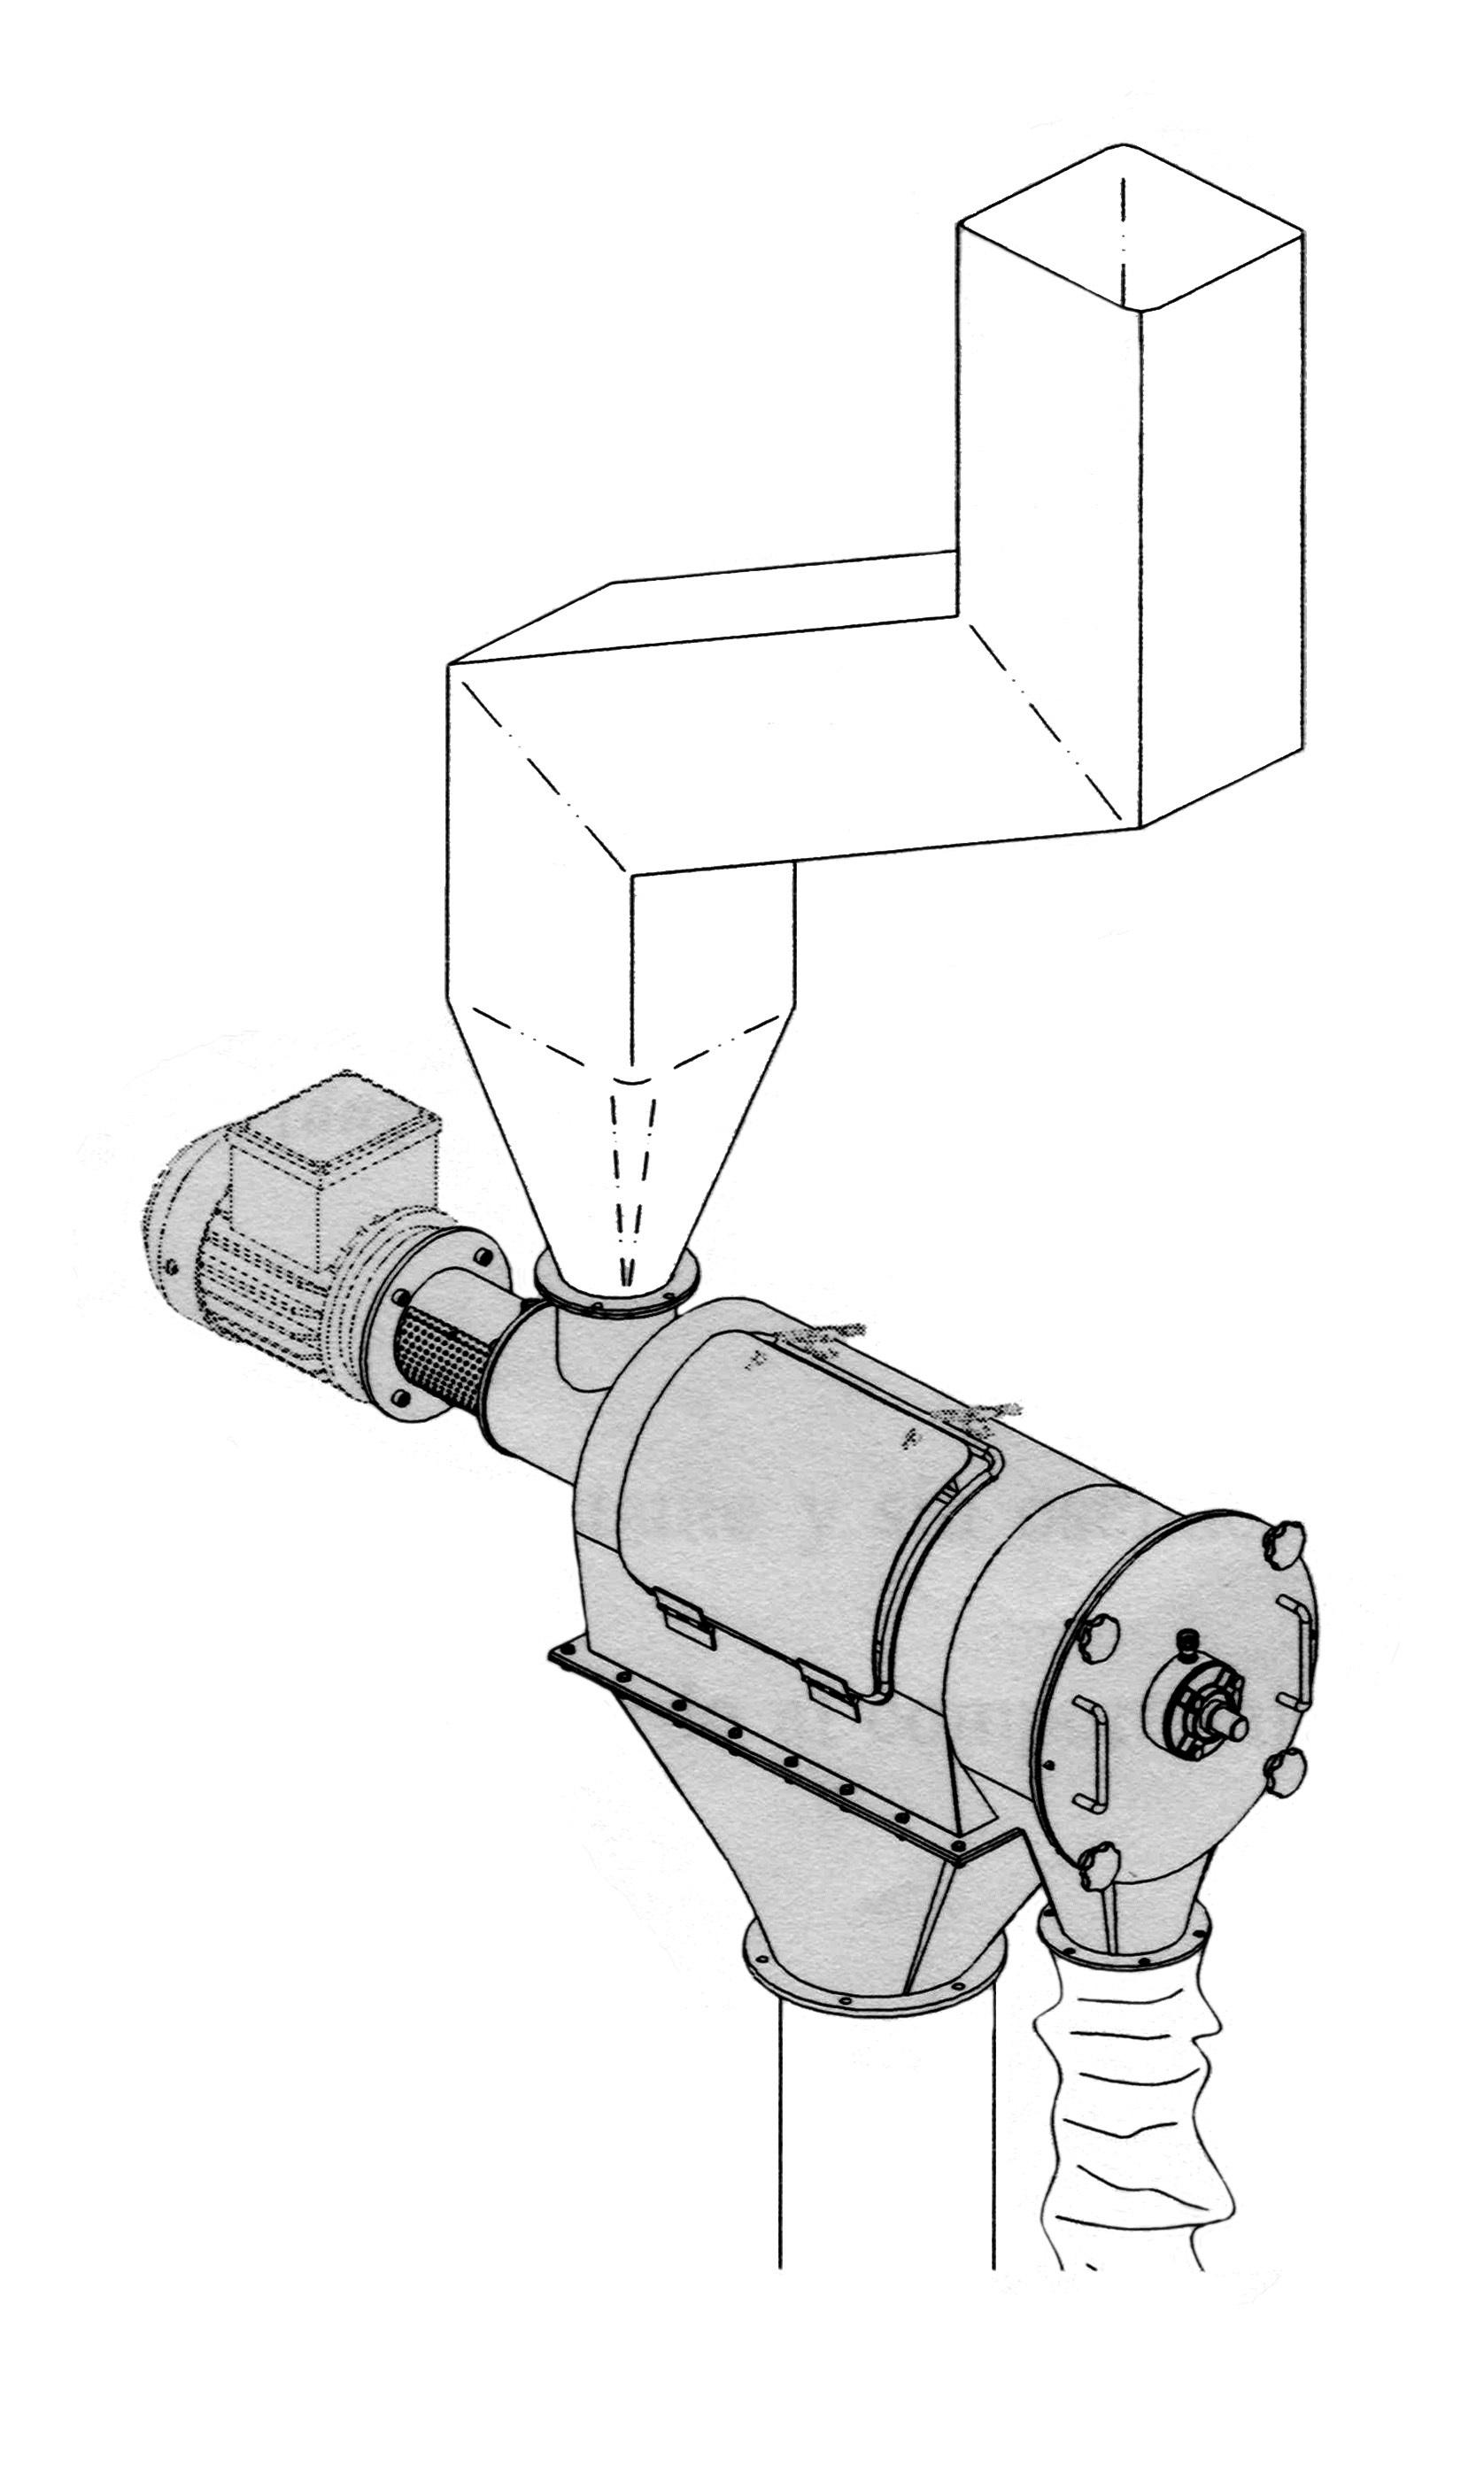 Dibujo técnico tamizadora centrífuga